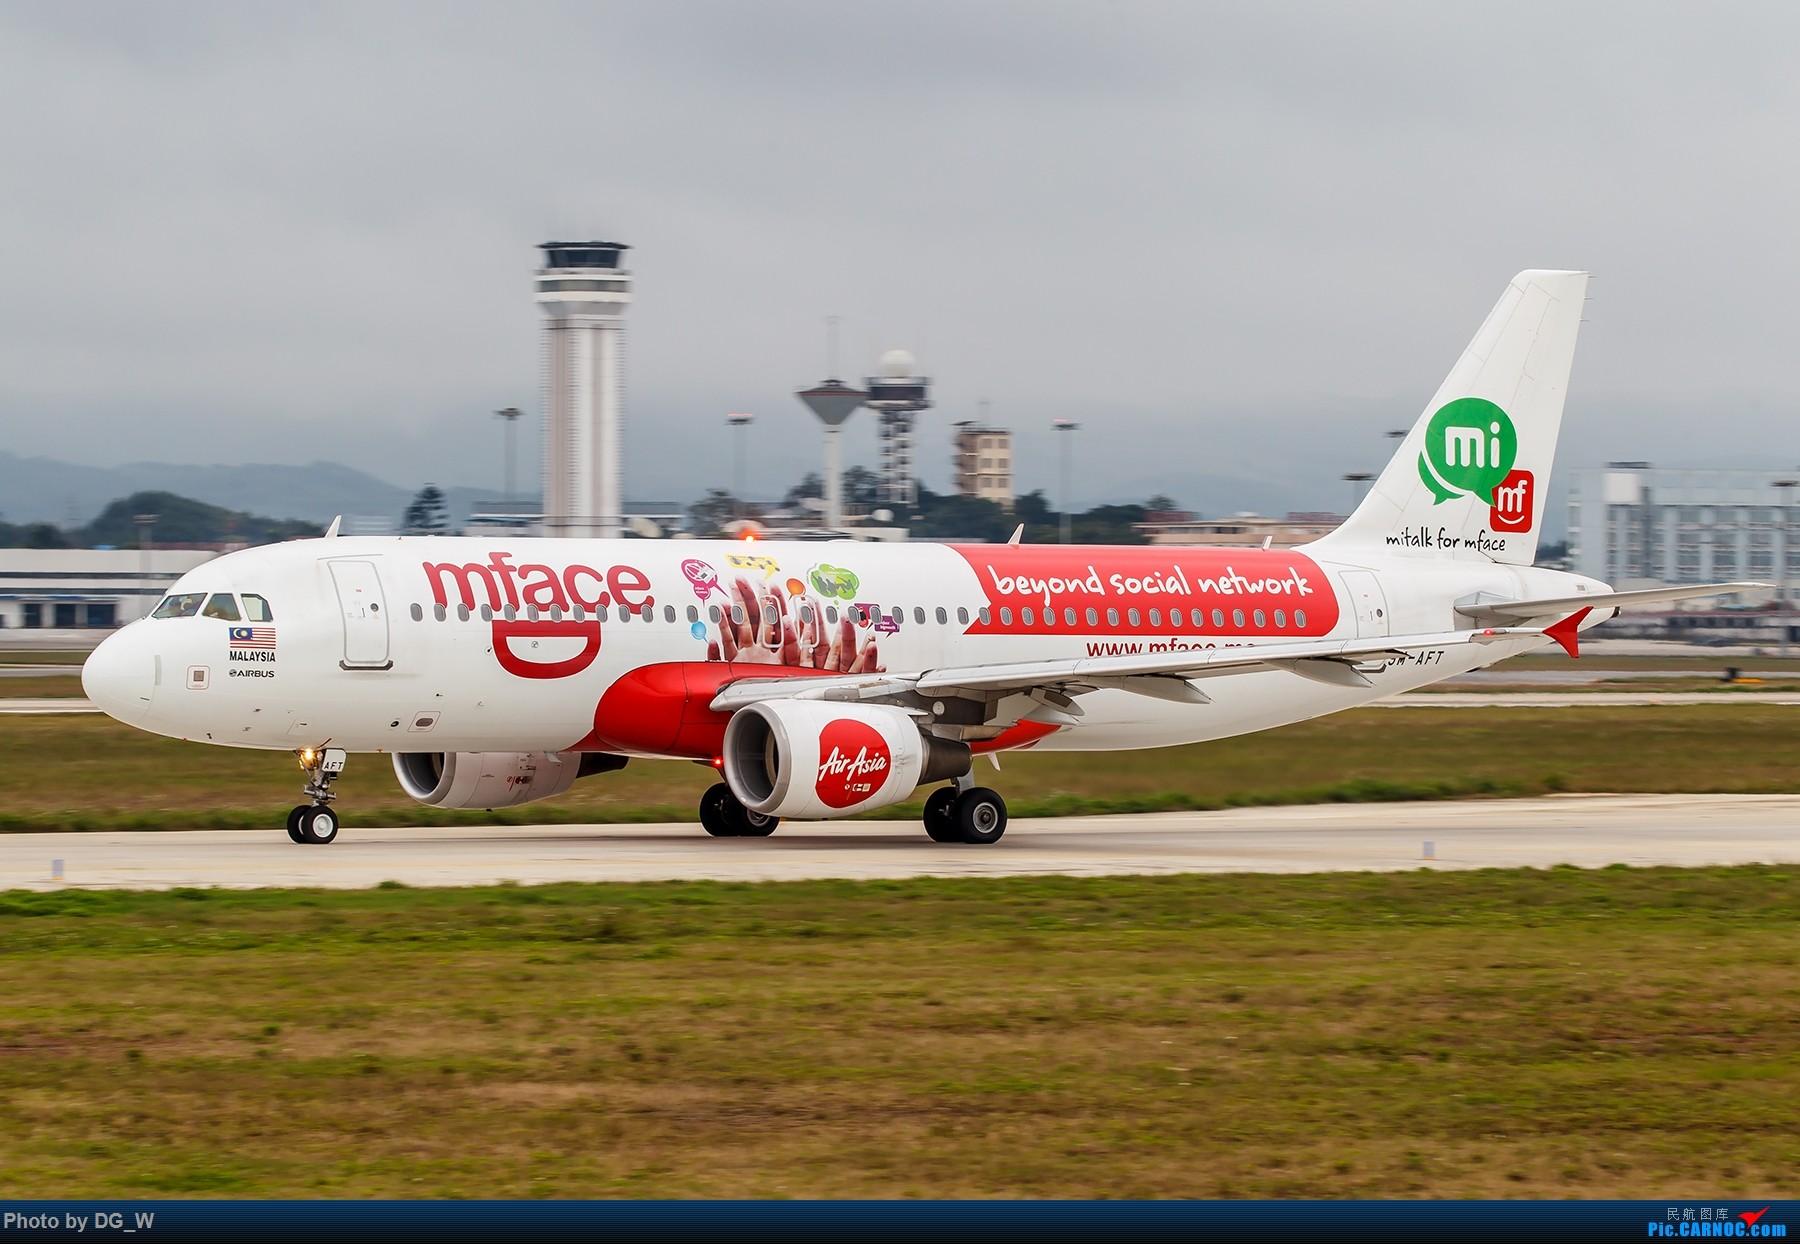 Re:[原创]【南宁飞友】集齐南航邮戳738,外加最近半年拍的部分彩绘 AIRBUS A320-200 9M-AFT 中国南宁吴圩国际机场